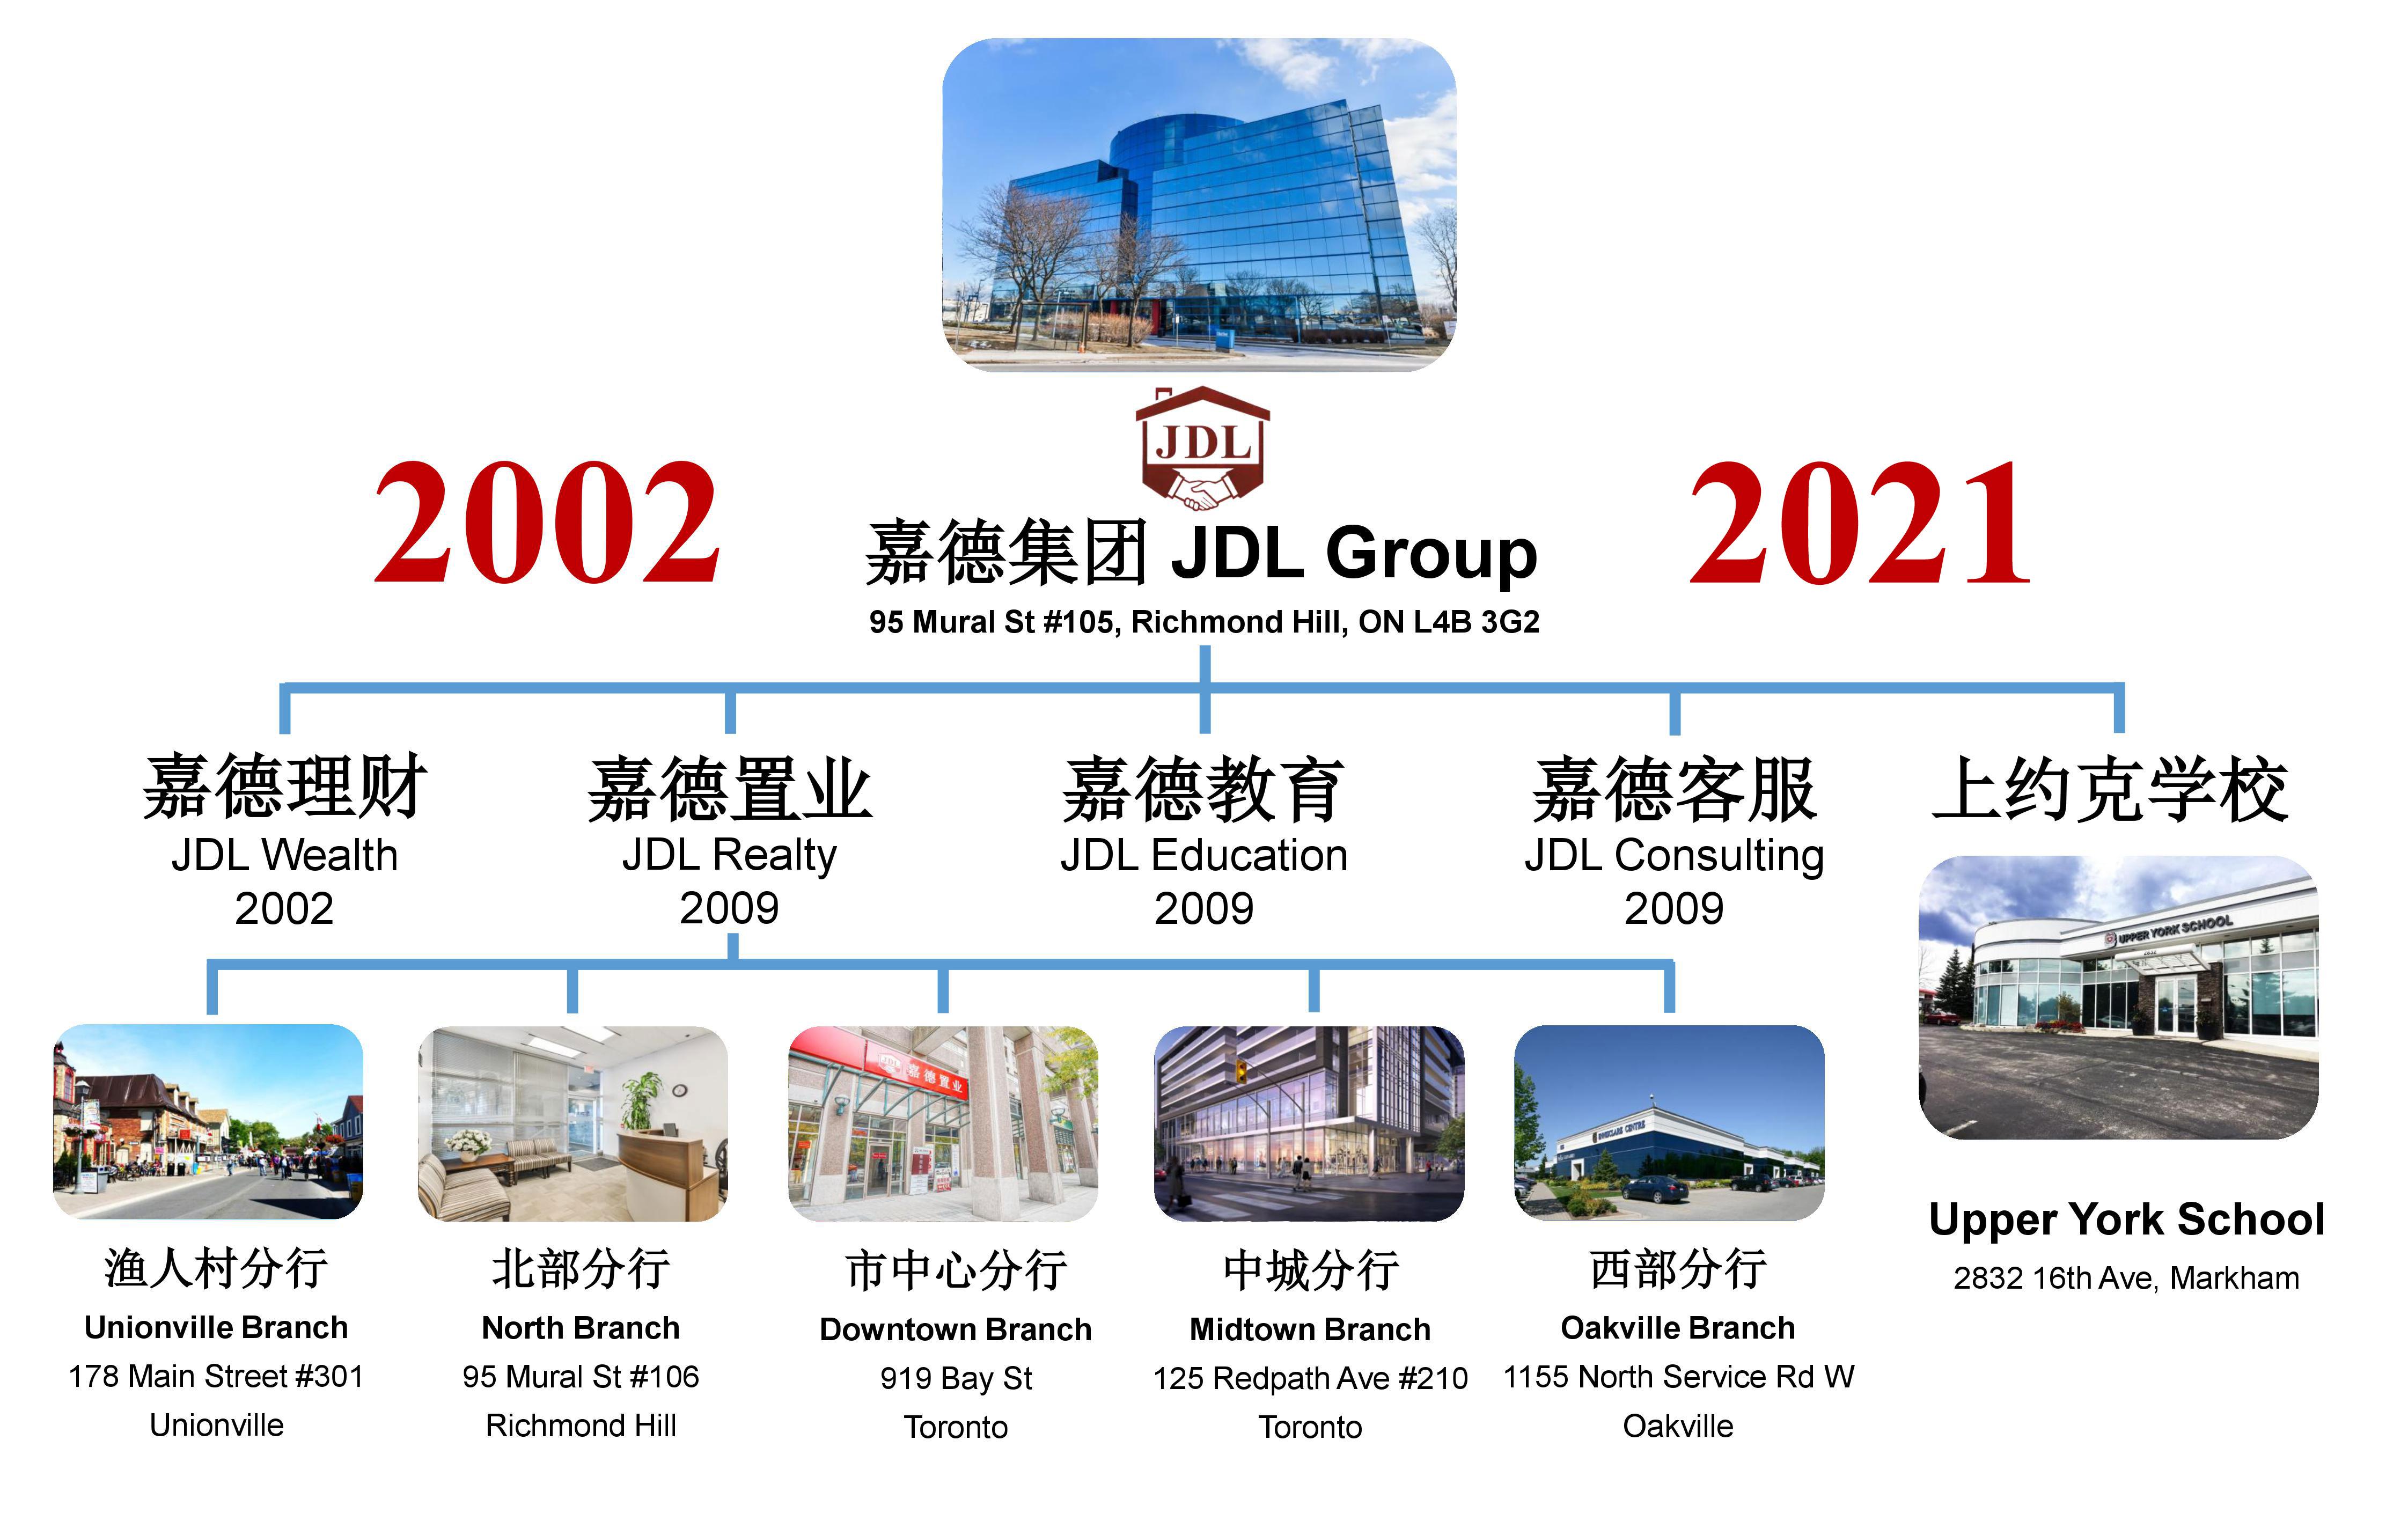 2020_JDL_Group_Photp.jpg - 949.55 kb